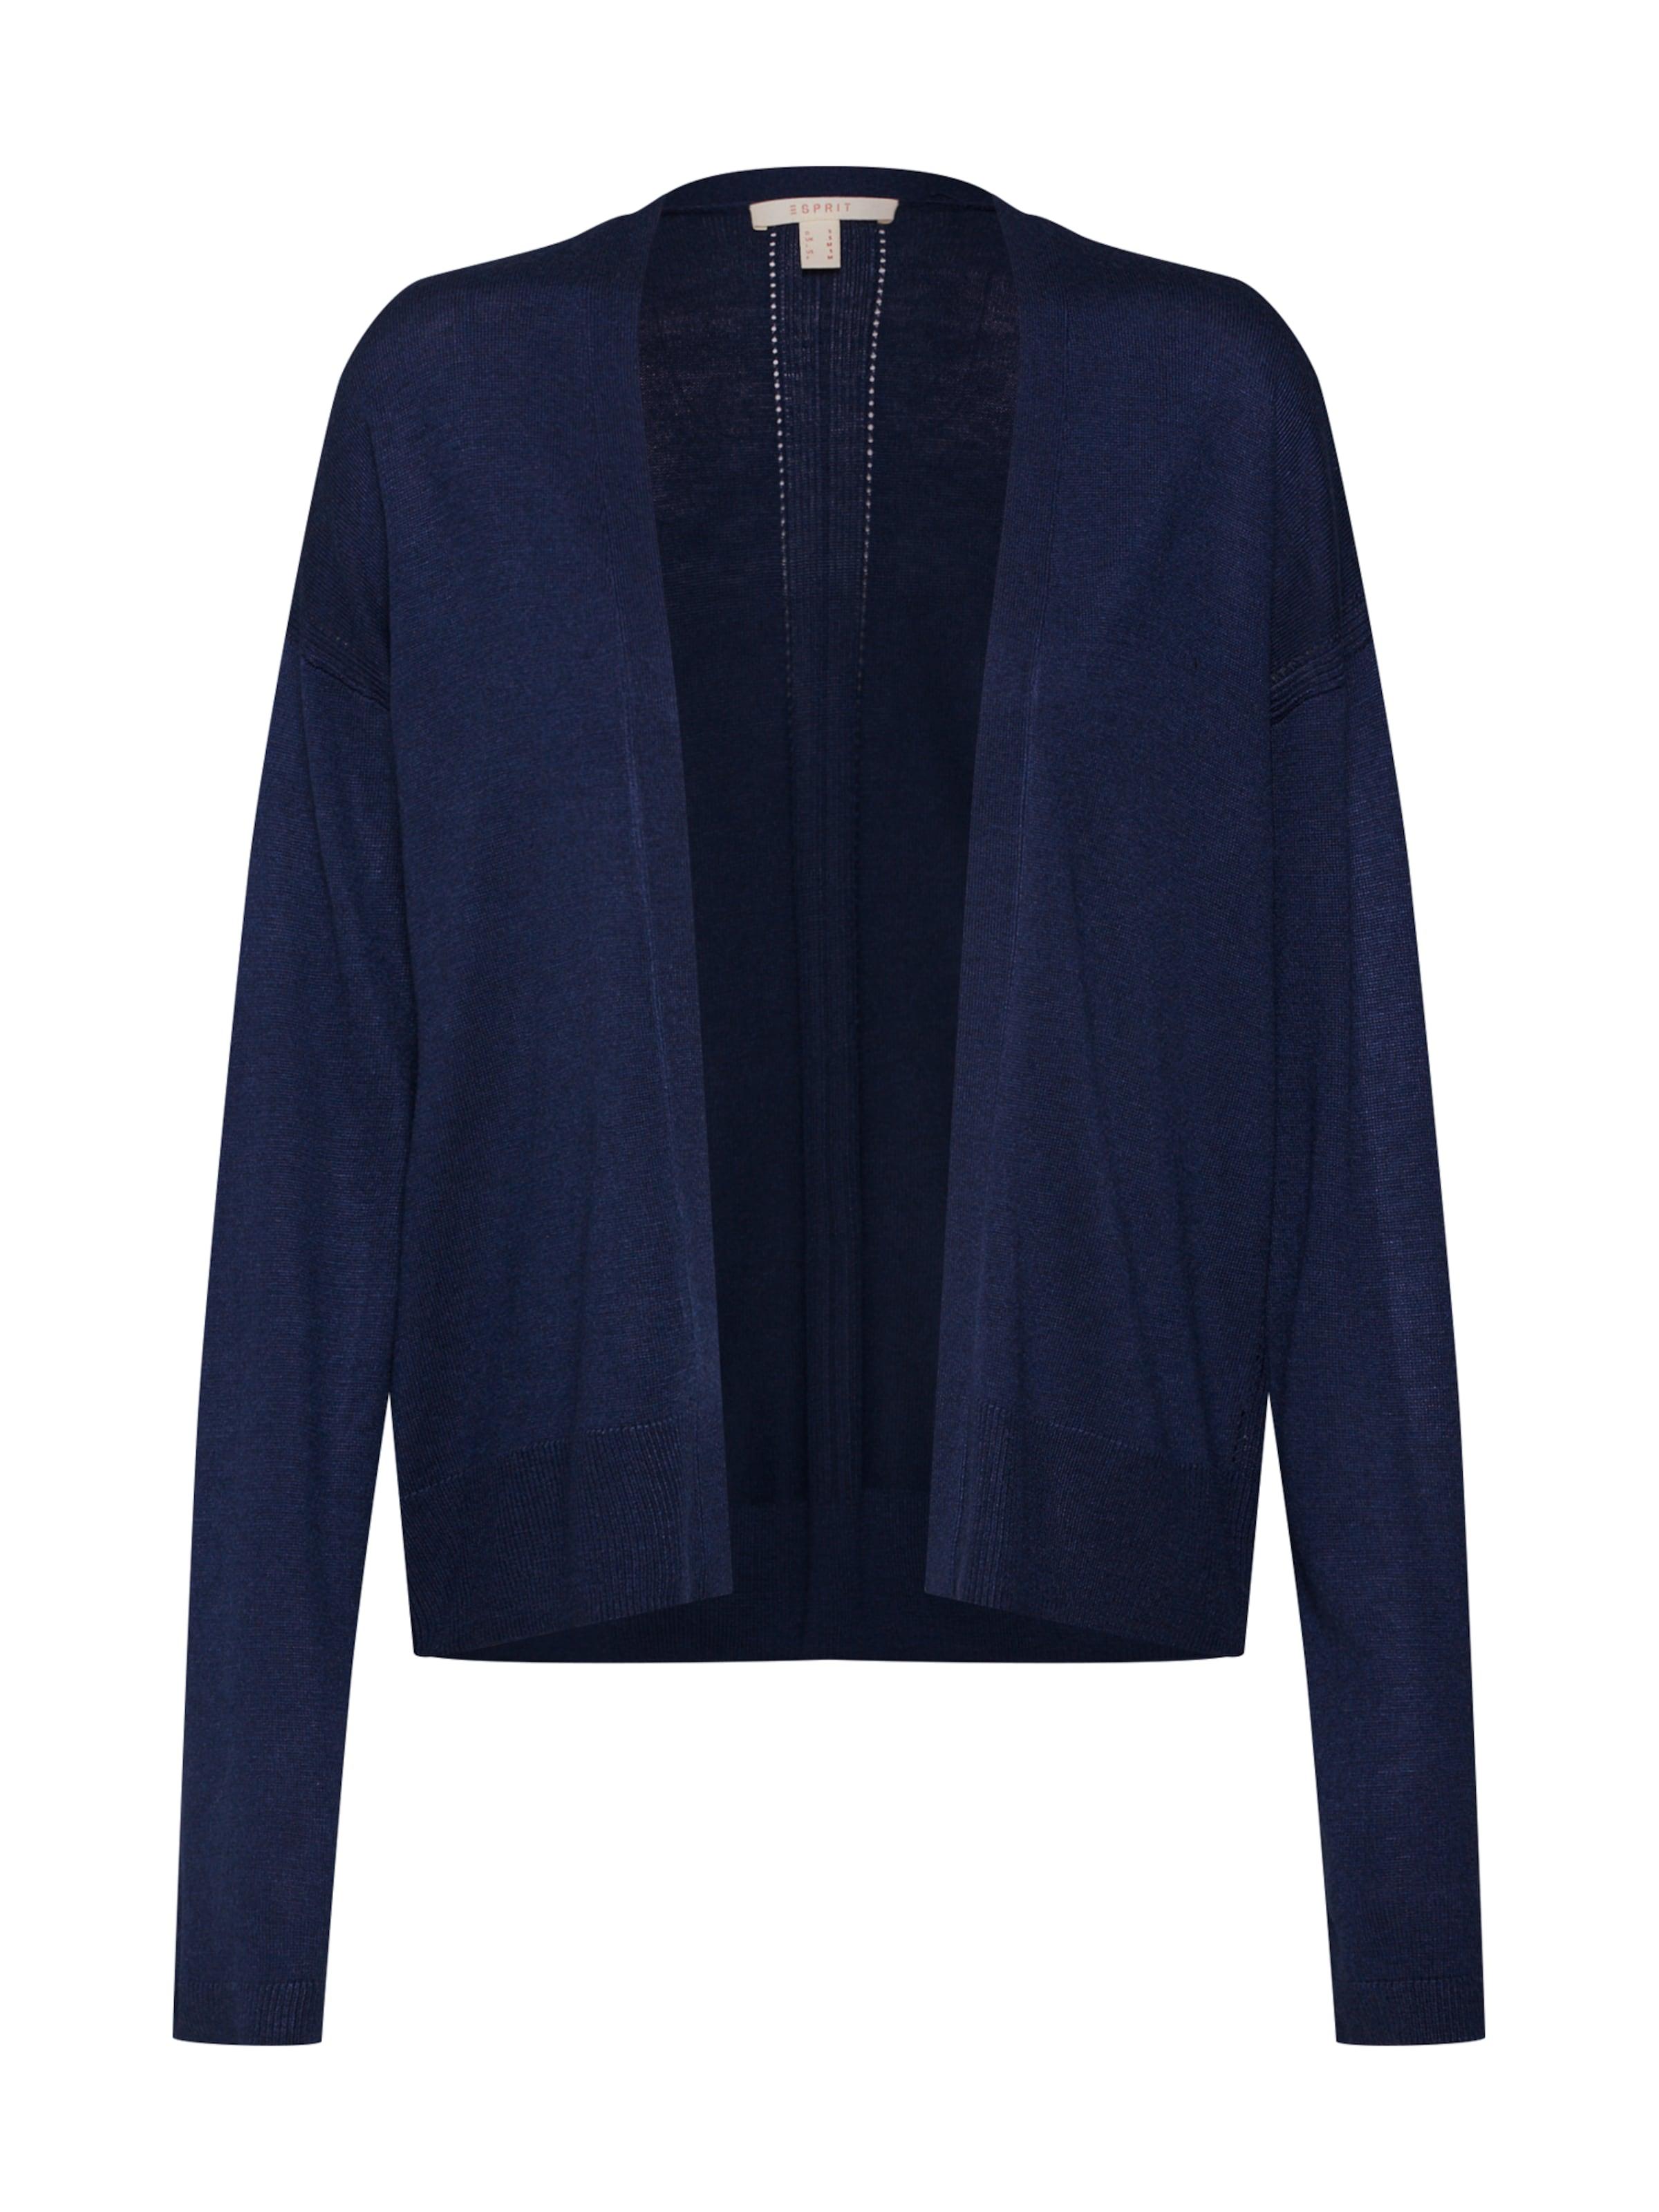 Esprit Bleu Esprit Cardigan En Marine Bleu Marine En Esprit Cardigan MVpSzqU